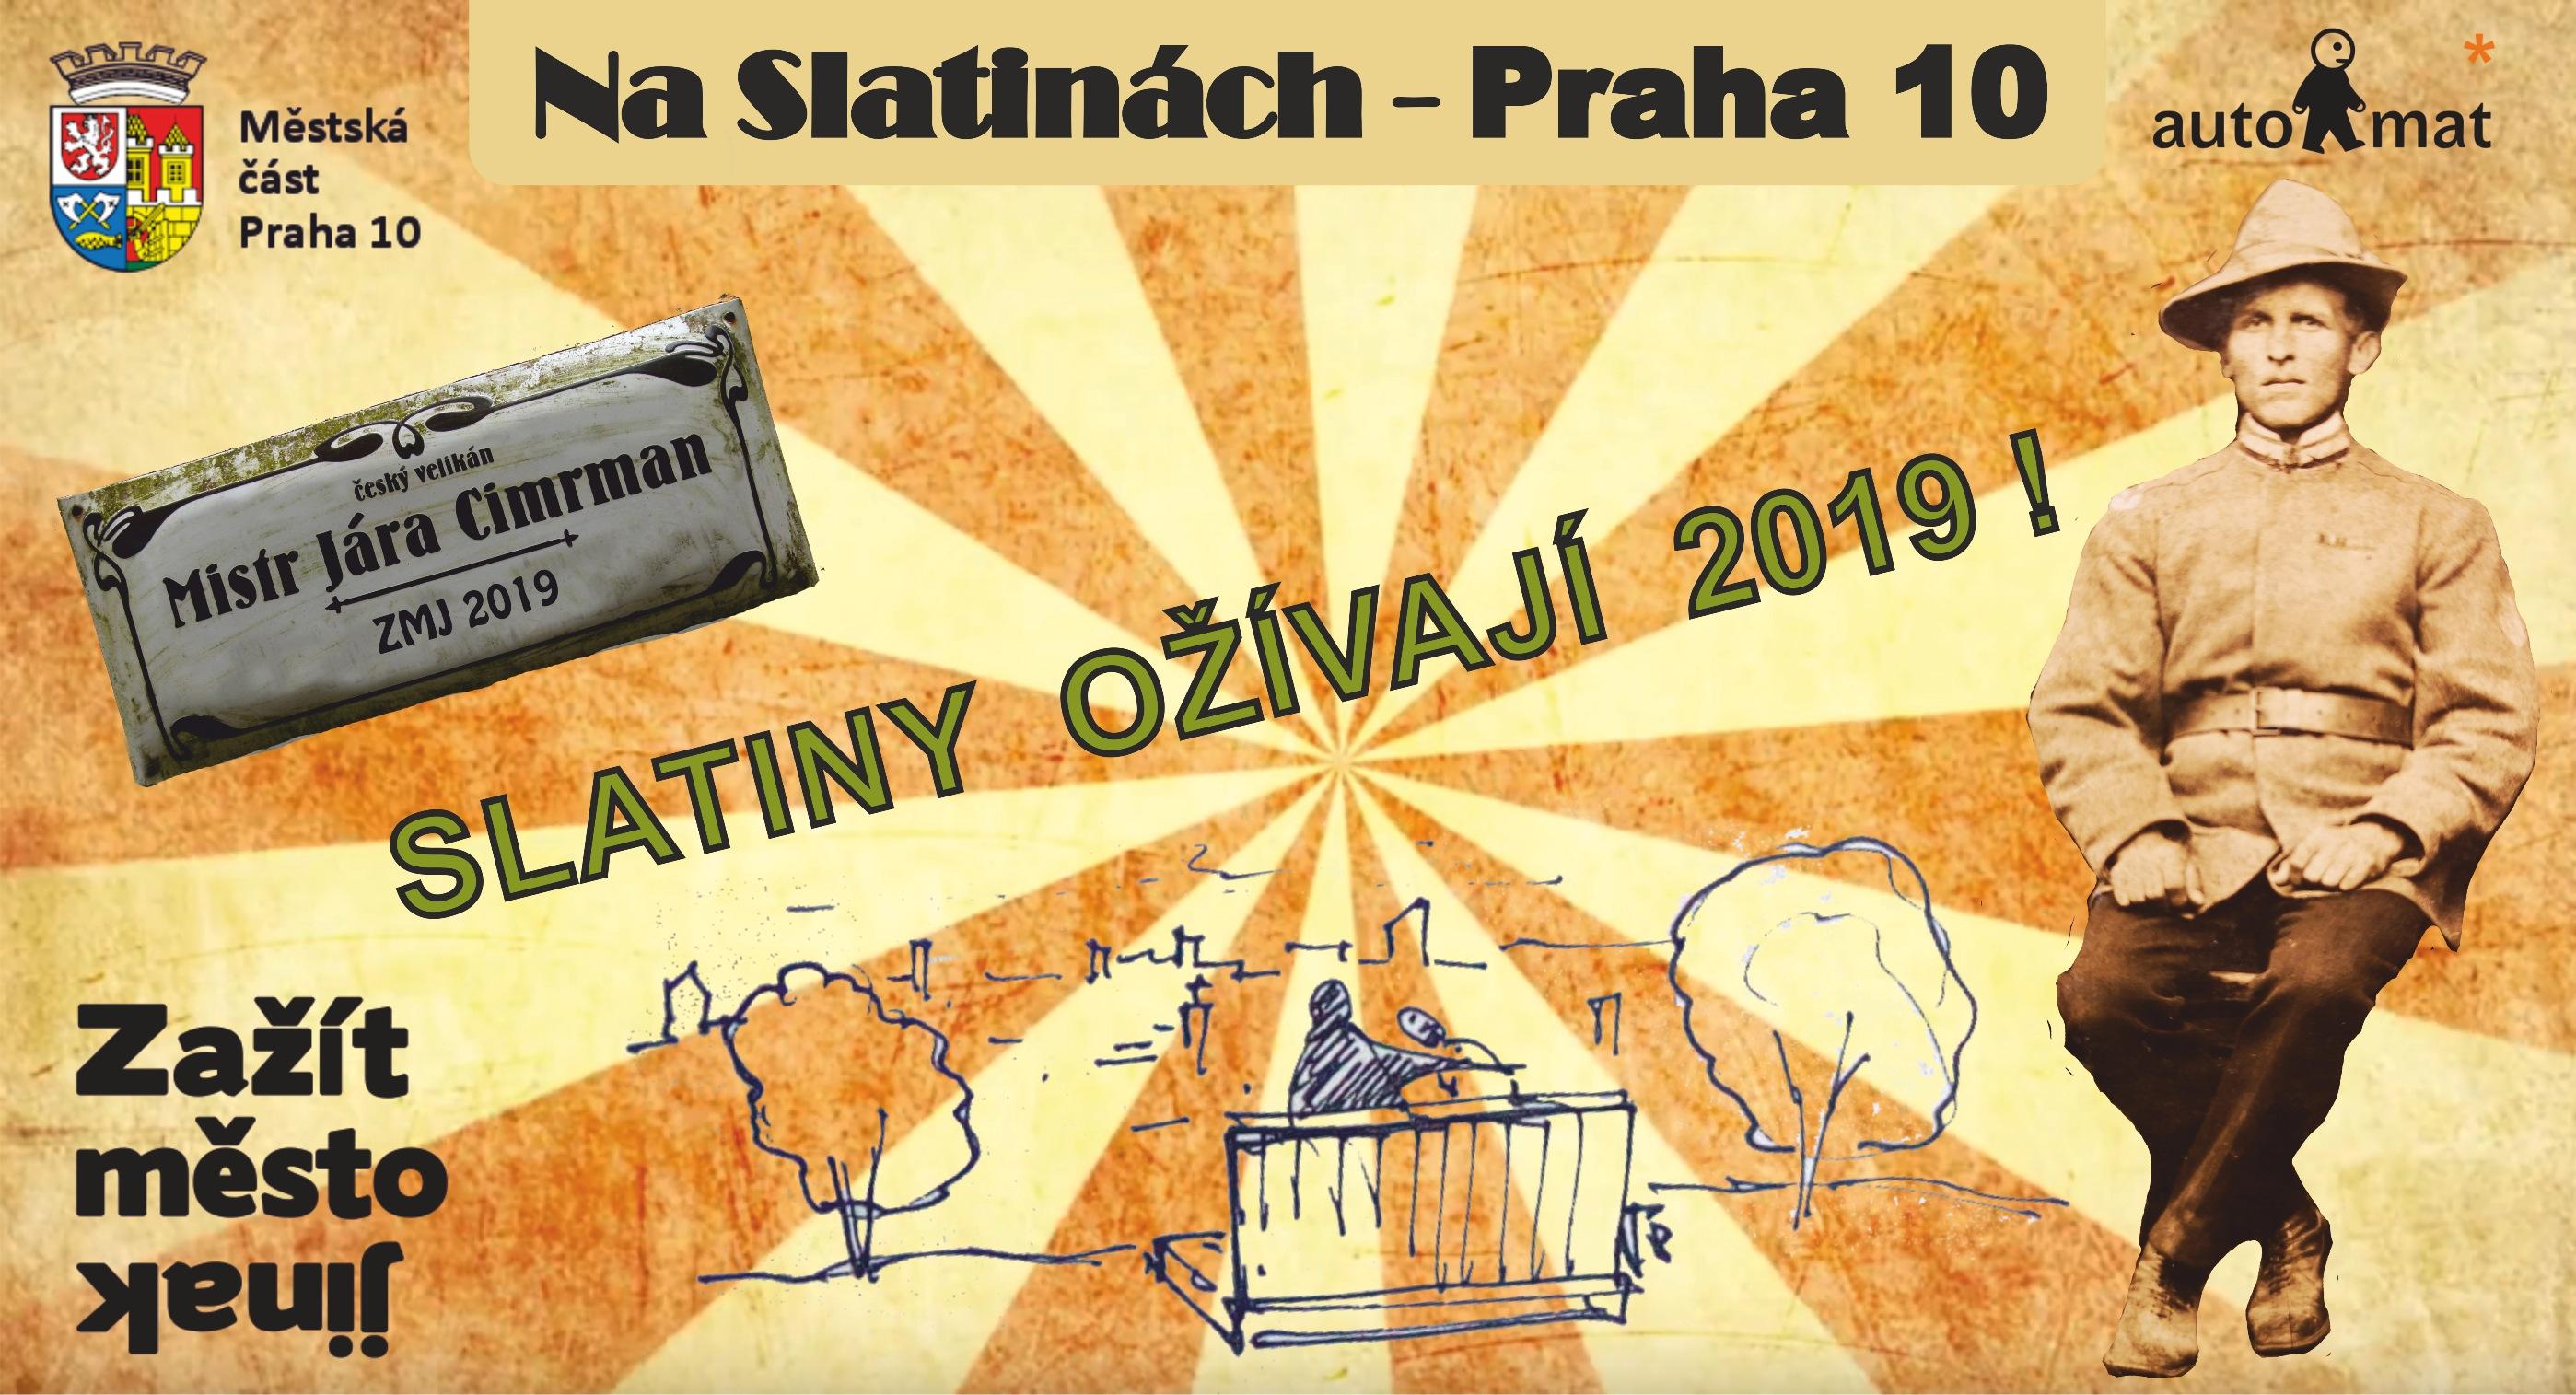 ZMJ Na Slatinách -Praha 2019